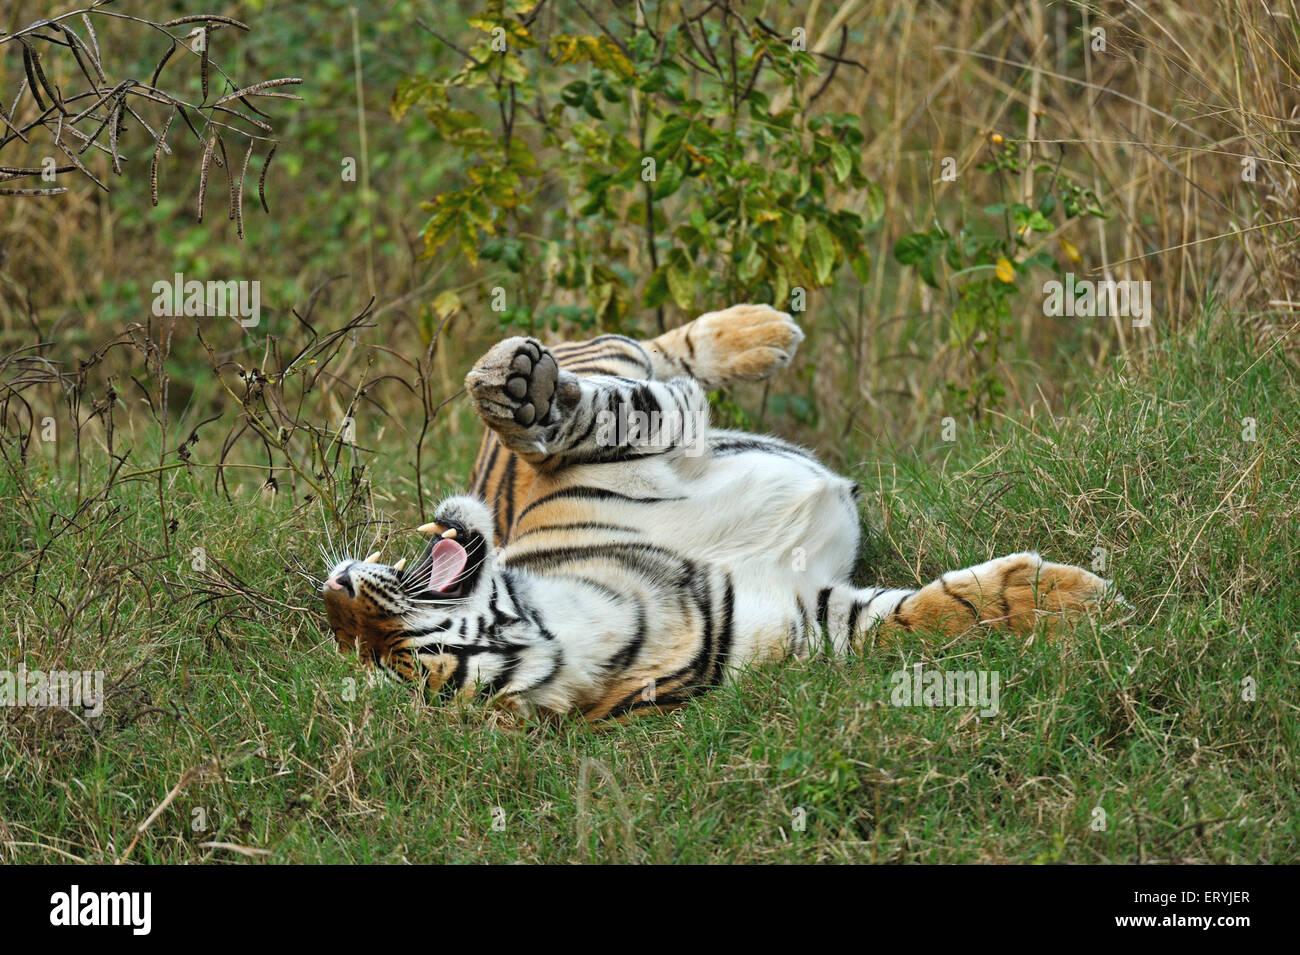 Tiger panthera tigris tigris rolling in grass ; Ranthambore national park ; Rajasthan ; India - Stock Image